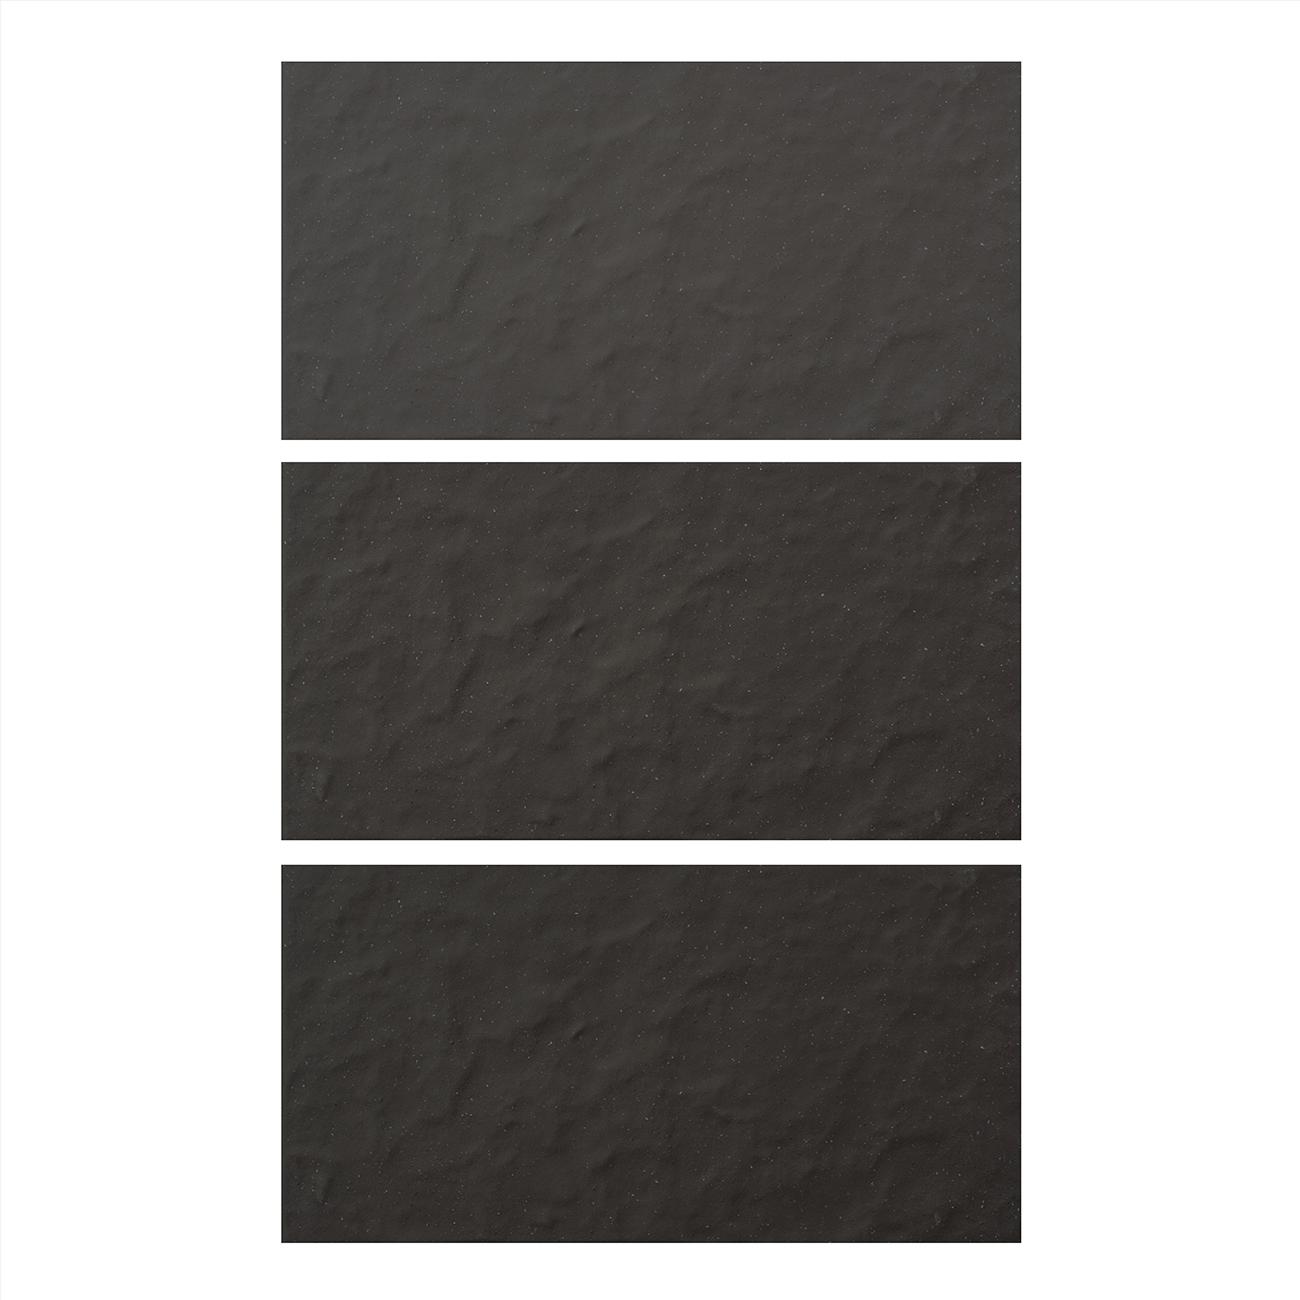 đen 13